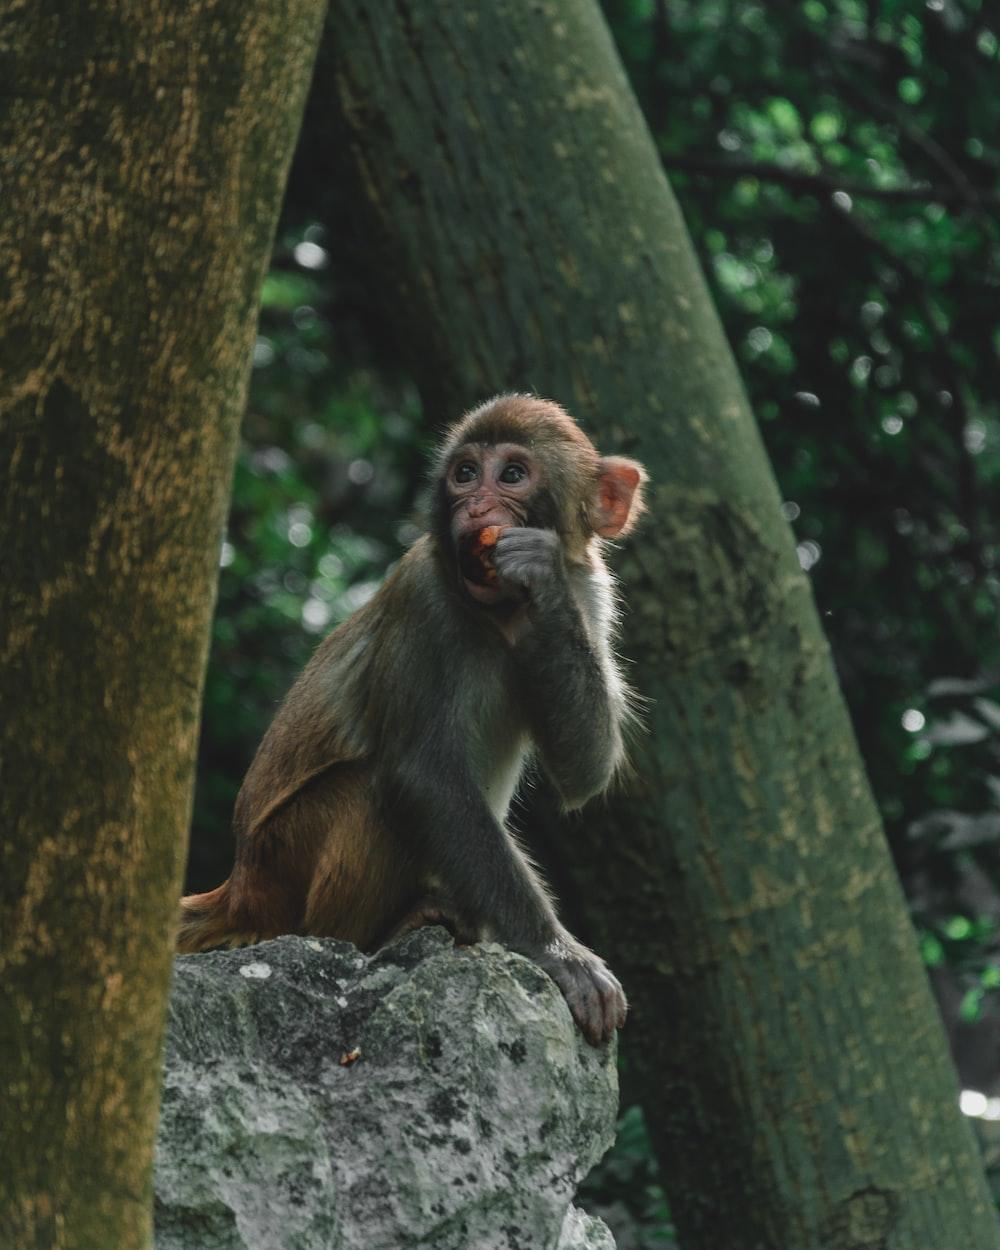 brown monkey eating fruit